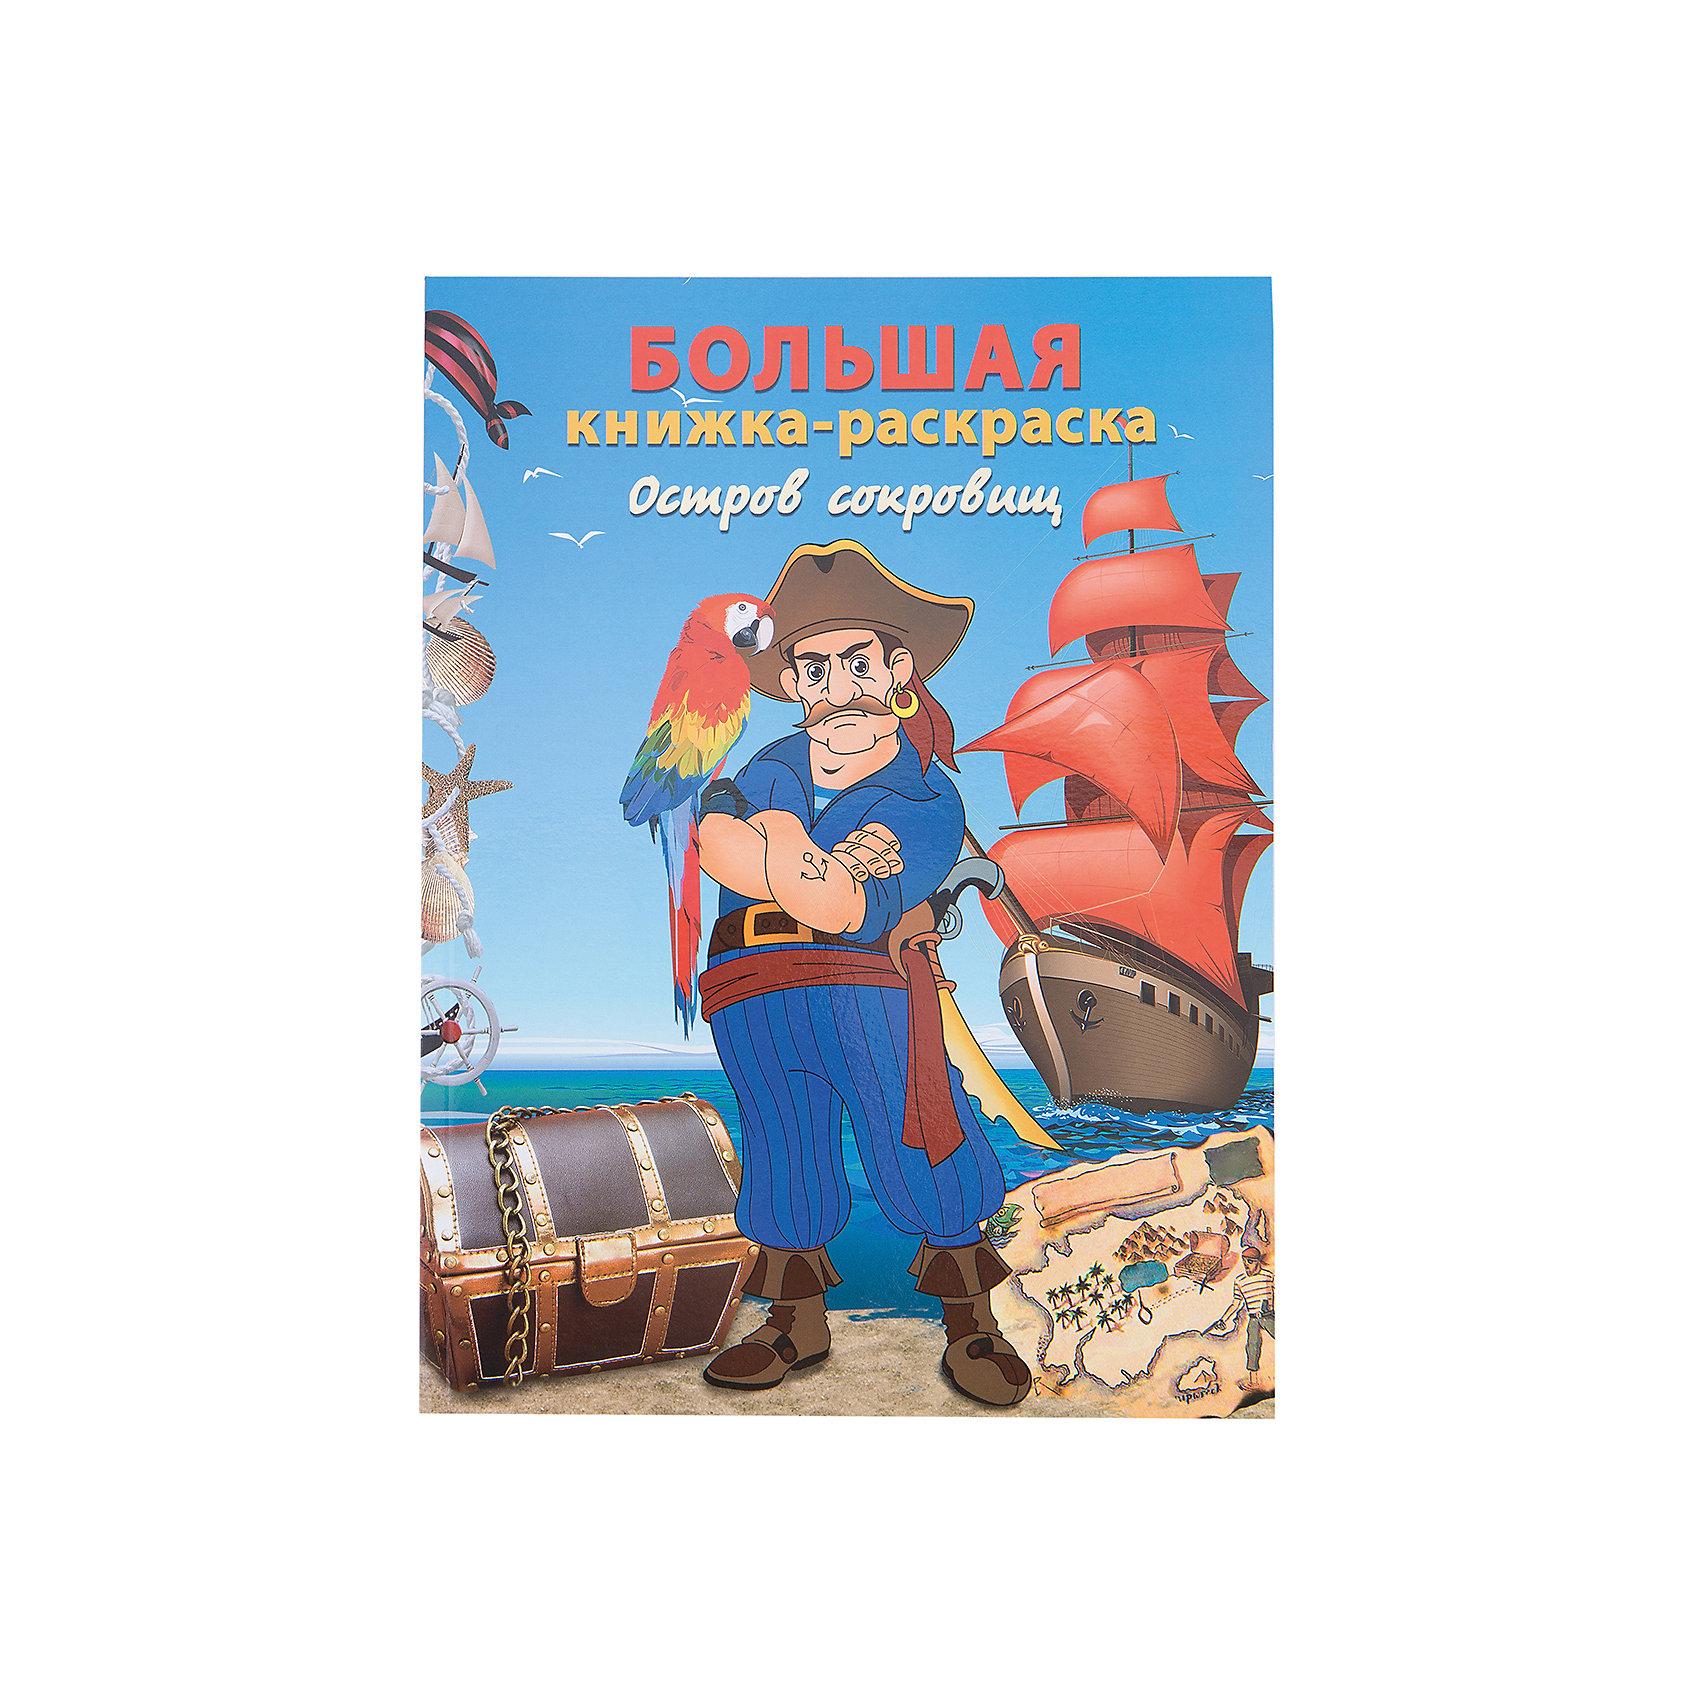 Schreiber Большая книжка-раскраска Остров сокровищ А4, 96 страниц раскраска сиреневый остров 4d